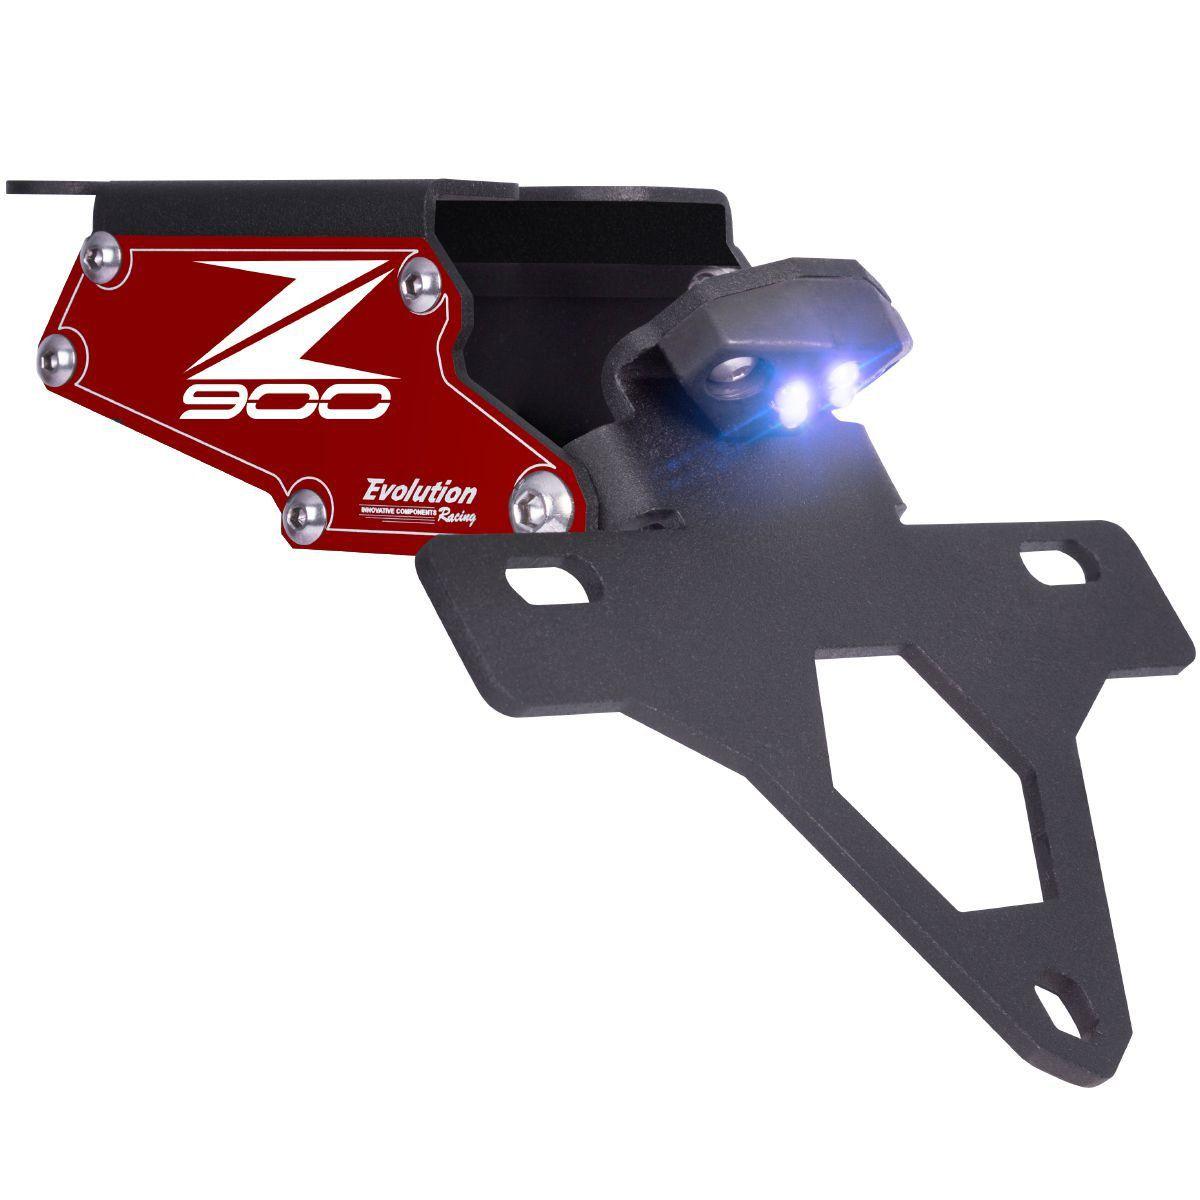 Suporte de Placa Eliminador de Rabeta Articulado Z900 Z 900